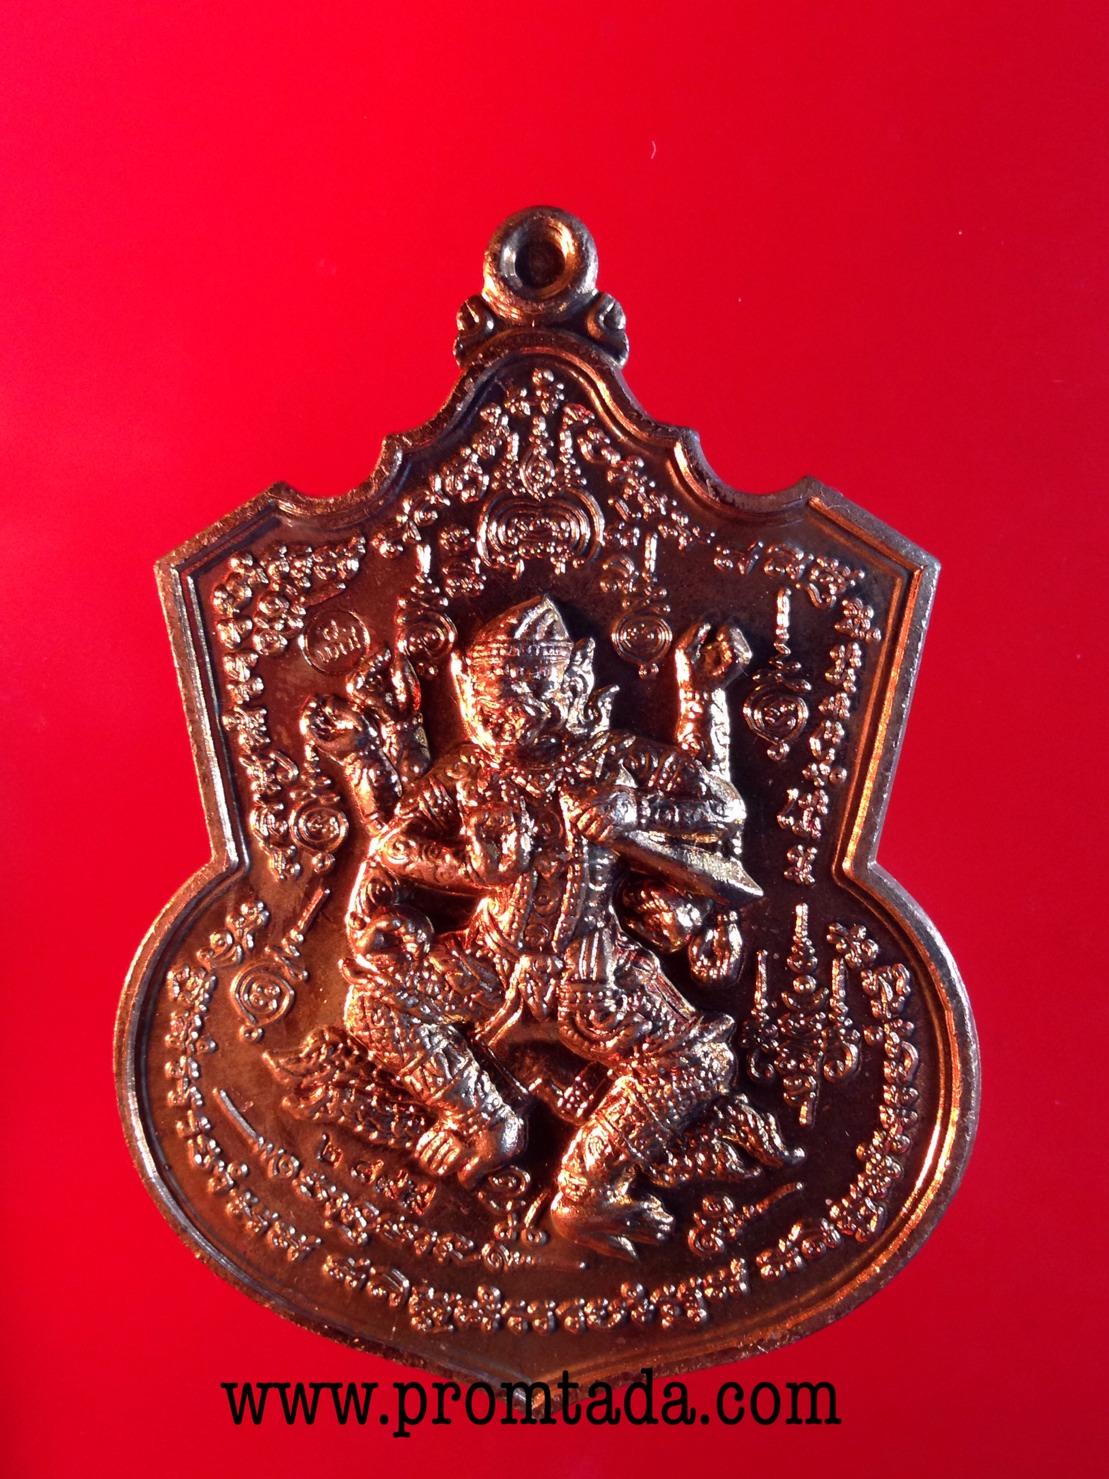 เหรียญหนุมานแปดกรเหรียญทองแดง อาจารย์เรืองเดช เอี่ยมตระกูล ( อาจารย์เดช ) รุุ่น มหามงกุฎ จักรตราธิราช ไตรมาส ๕๐